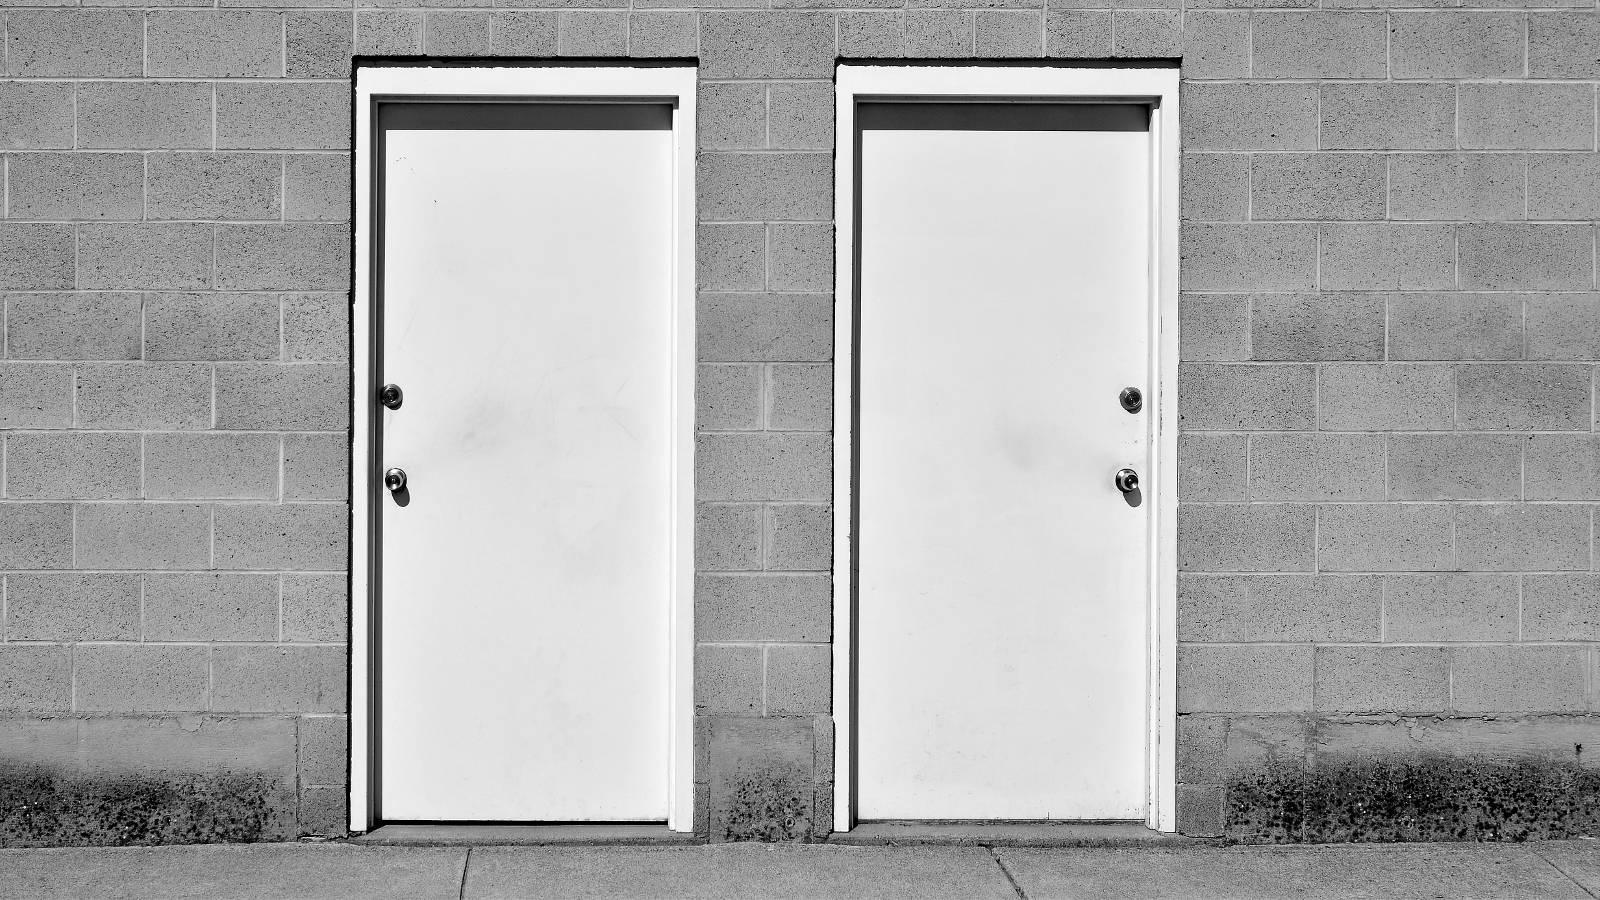 2x5 Empfehlungen für Frauen, die frisch aus einer Beziehung mit psychischer Gewalt kommen